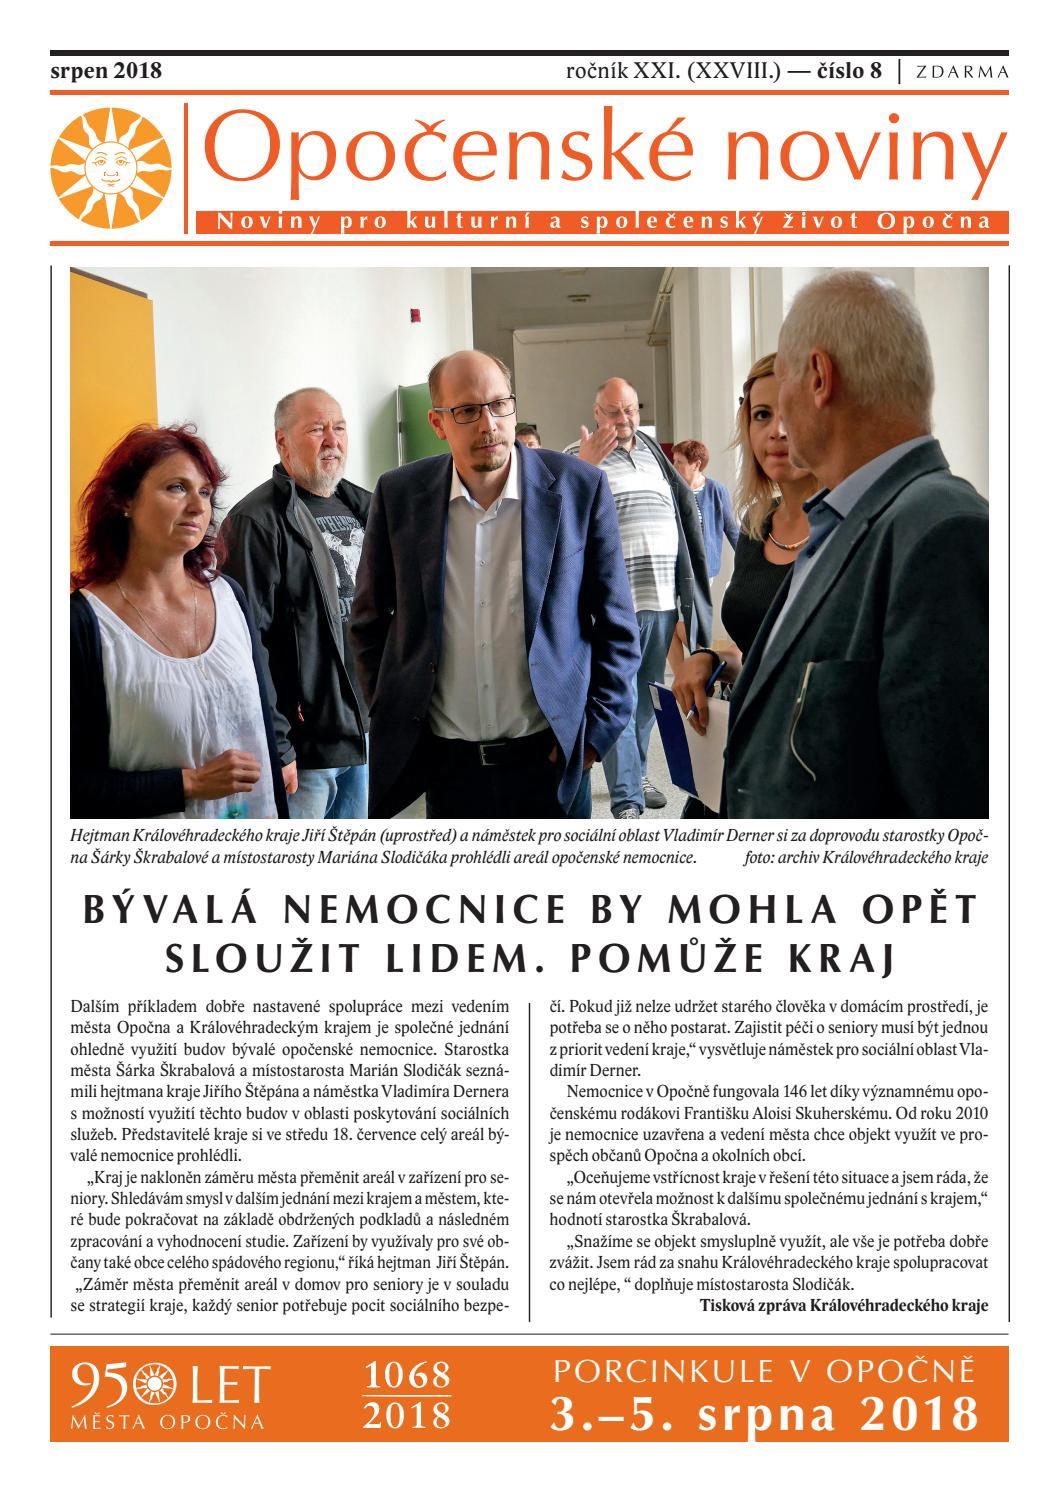 Opočenské noviny 8 2018 (26. 7. 2018) by Informační centrum Opočno - issuu f540e3e5929